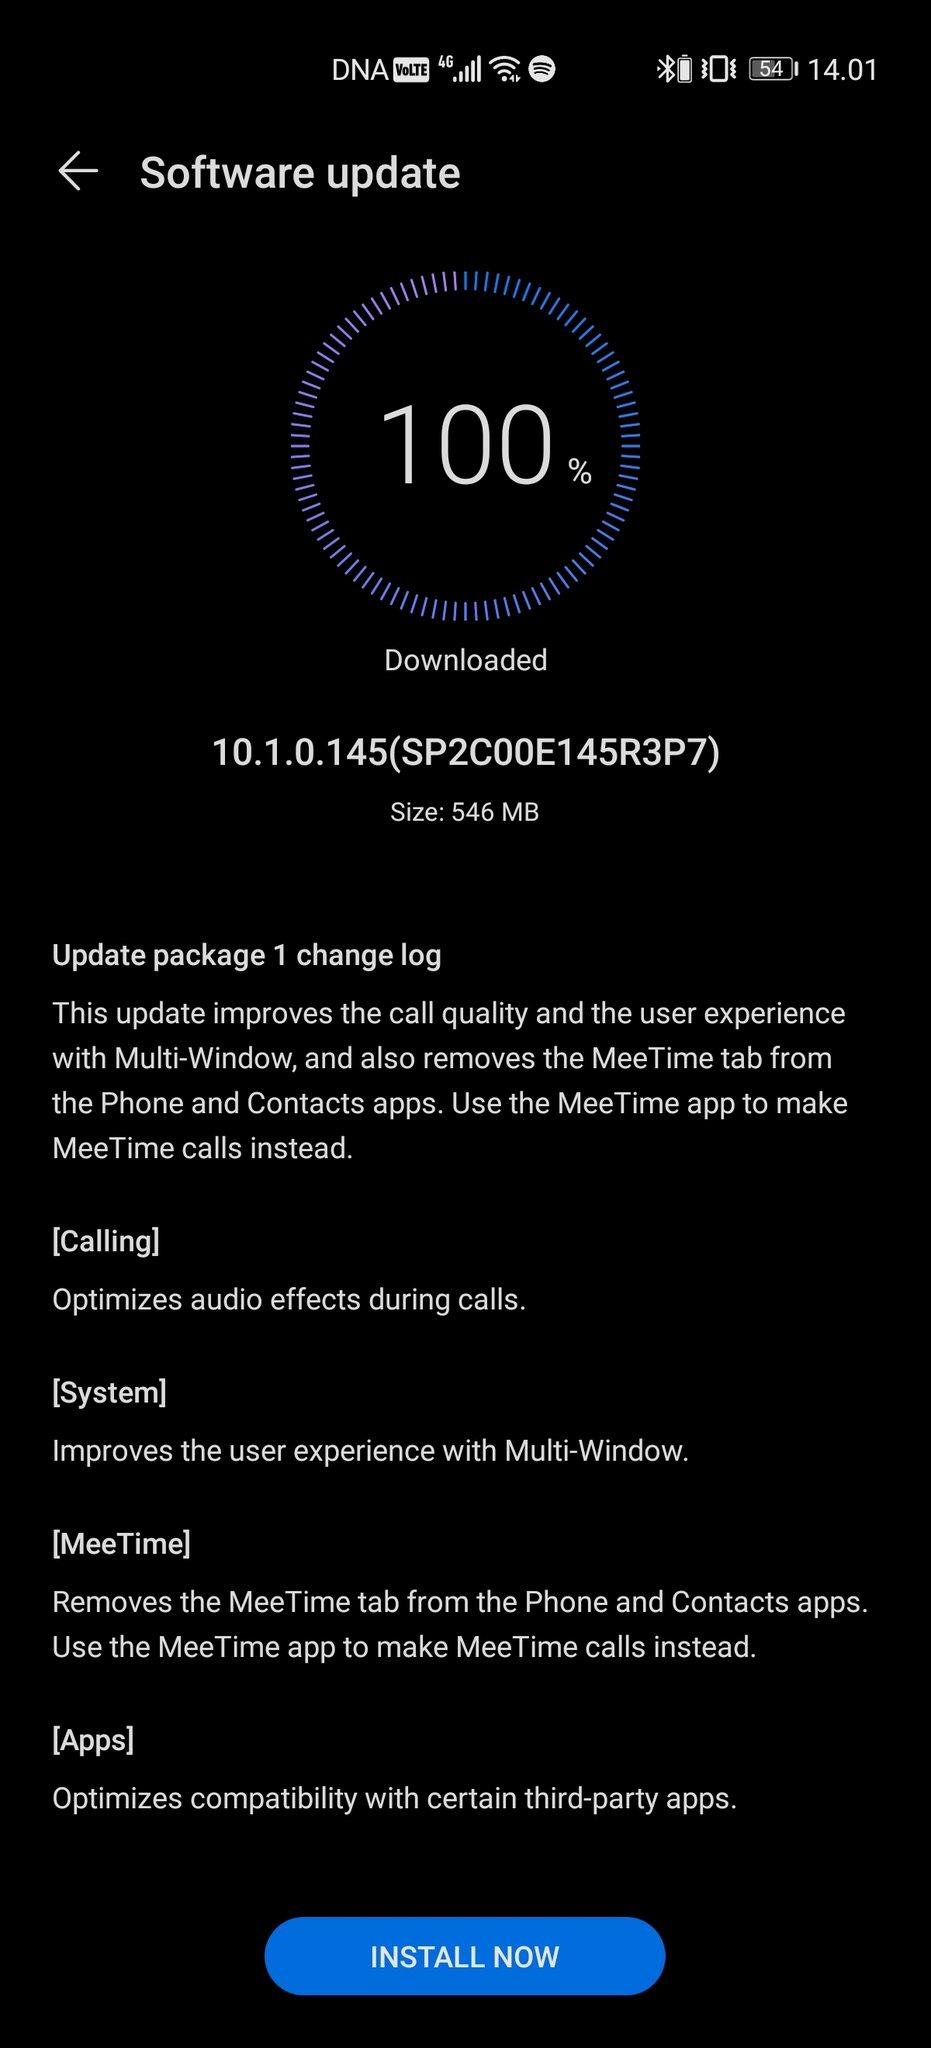 适用于华为P40 Pro Plus的EMUI 10.1.0.145可优化通话音频质量,改善多窗口功能等